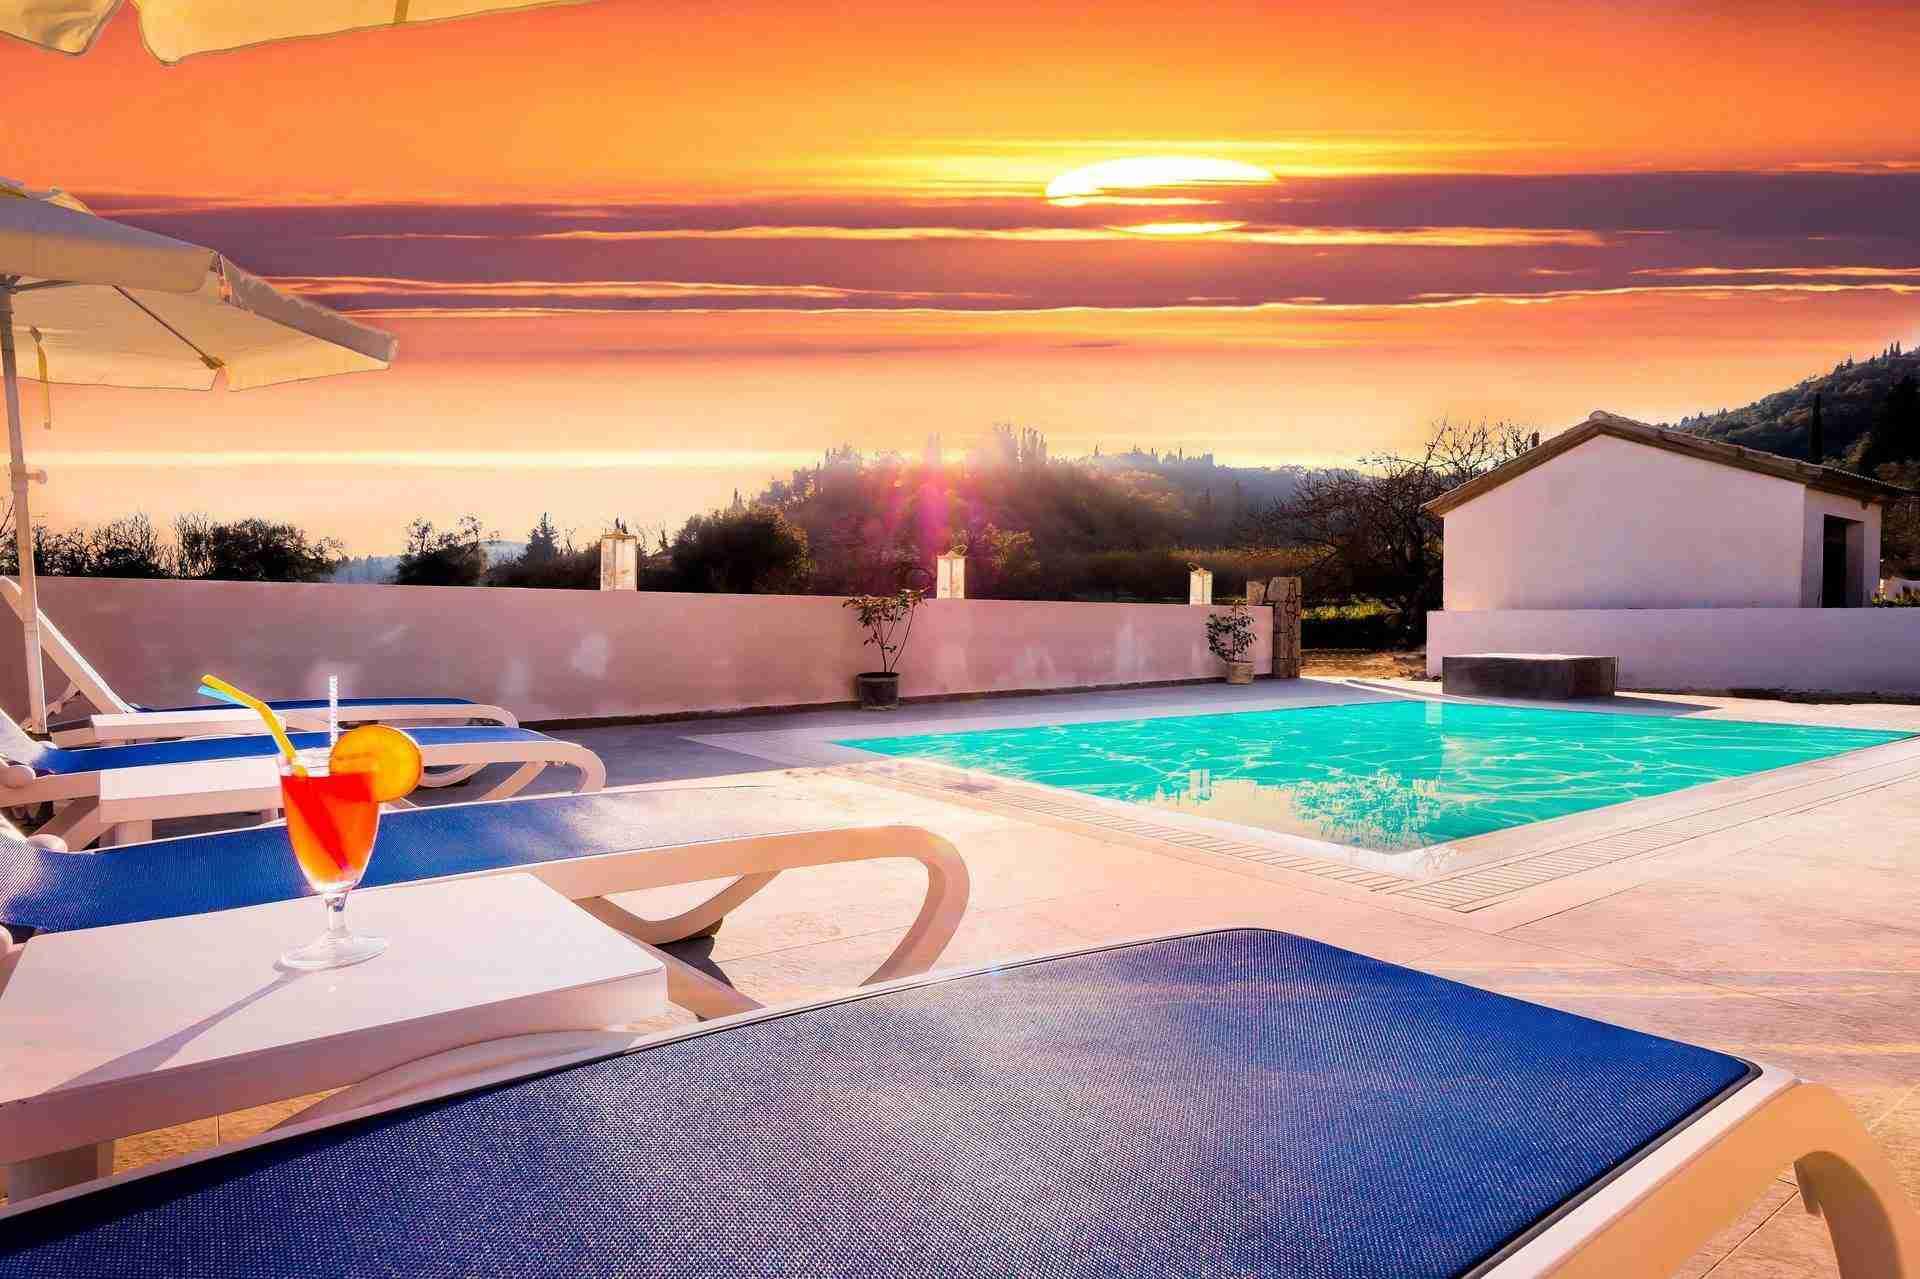 22 Petra sunset pool